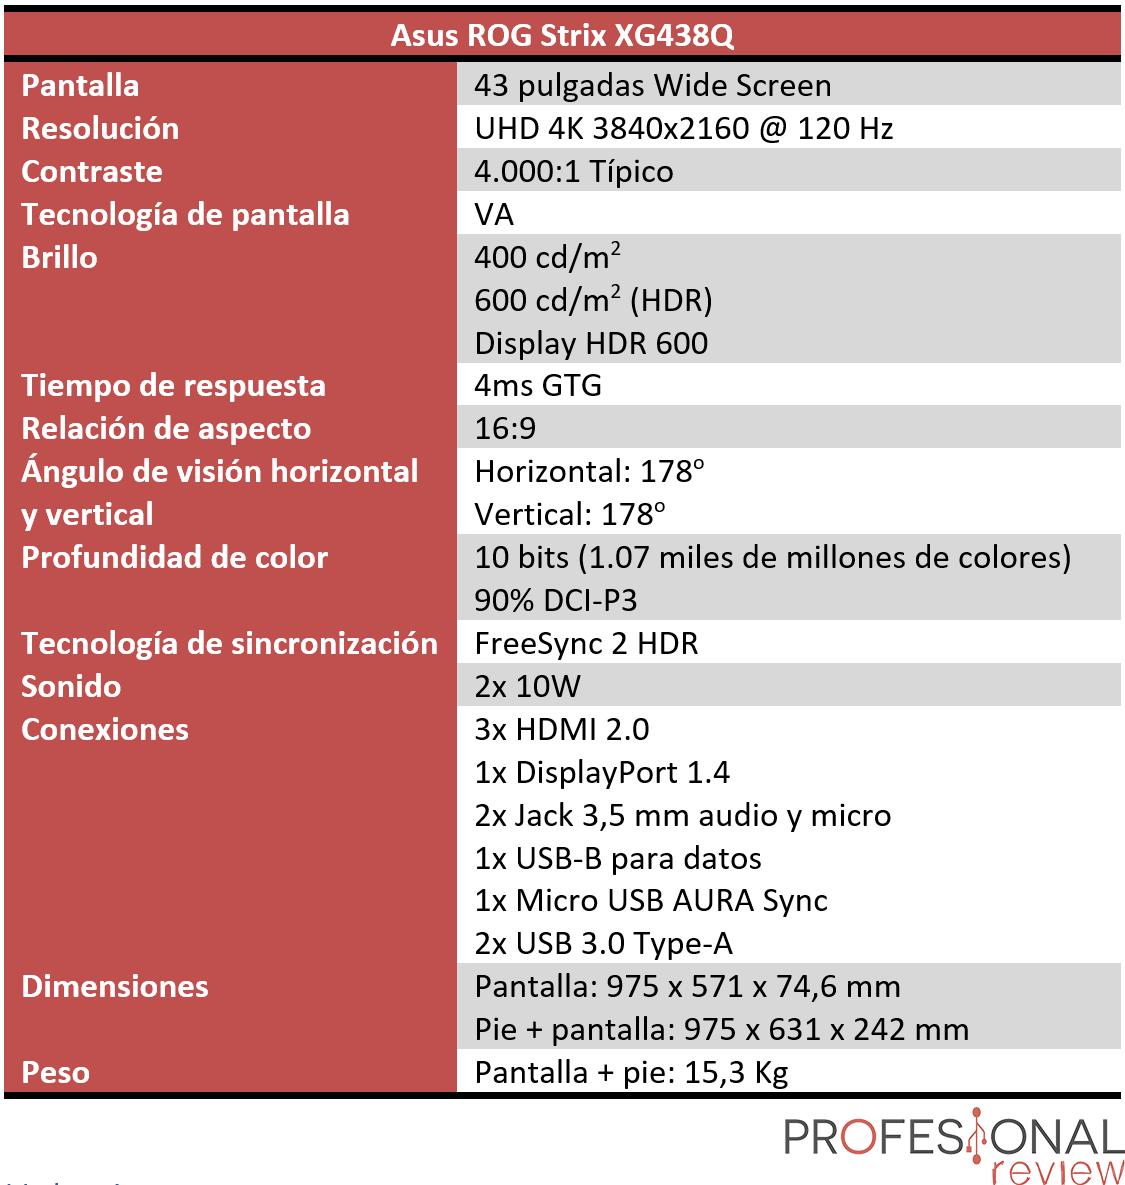 Asus ROG Strix XG438Q características